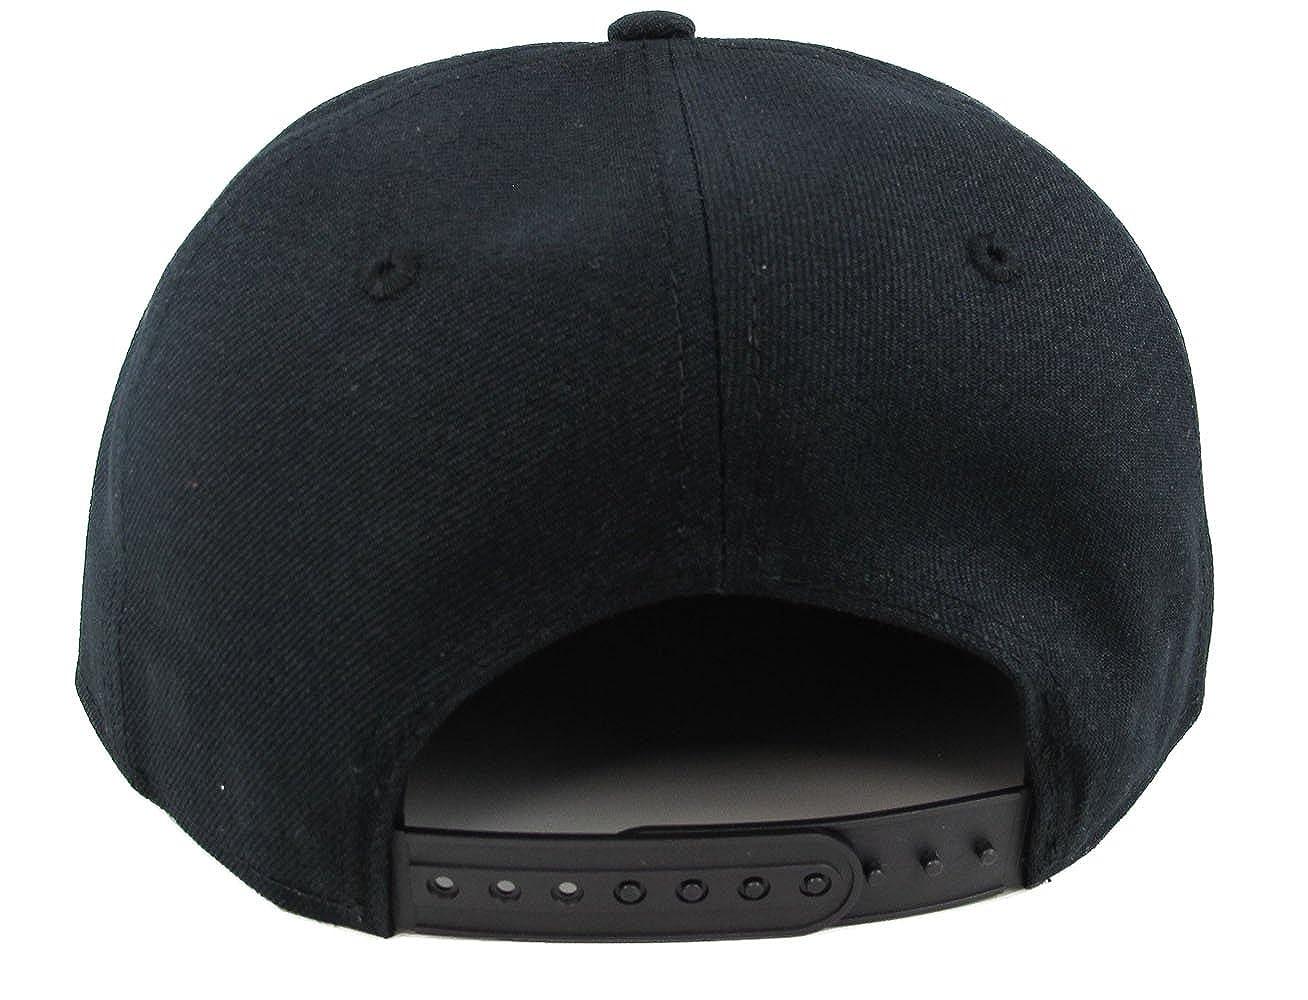 36e32dad6 New Era Grand Theft Auto V 5 GTA Los Santos Snapback Cap Hat Official Black